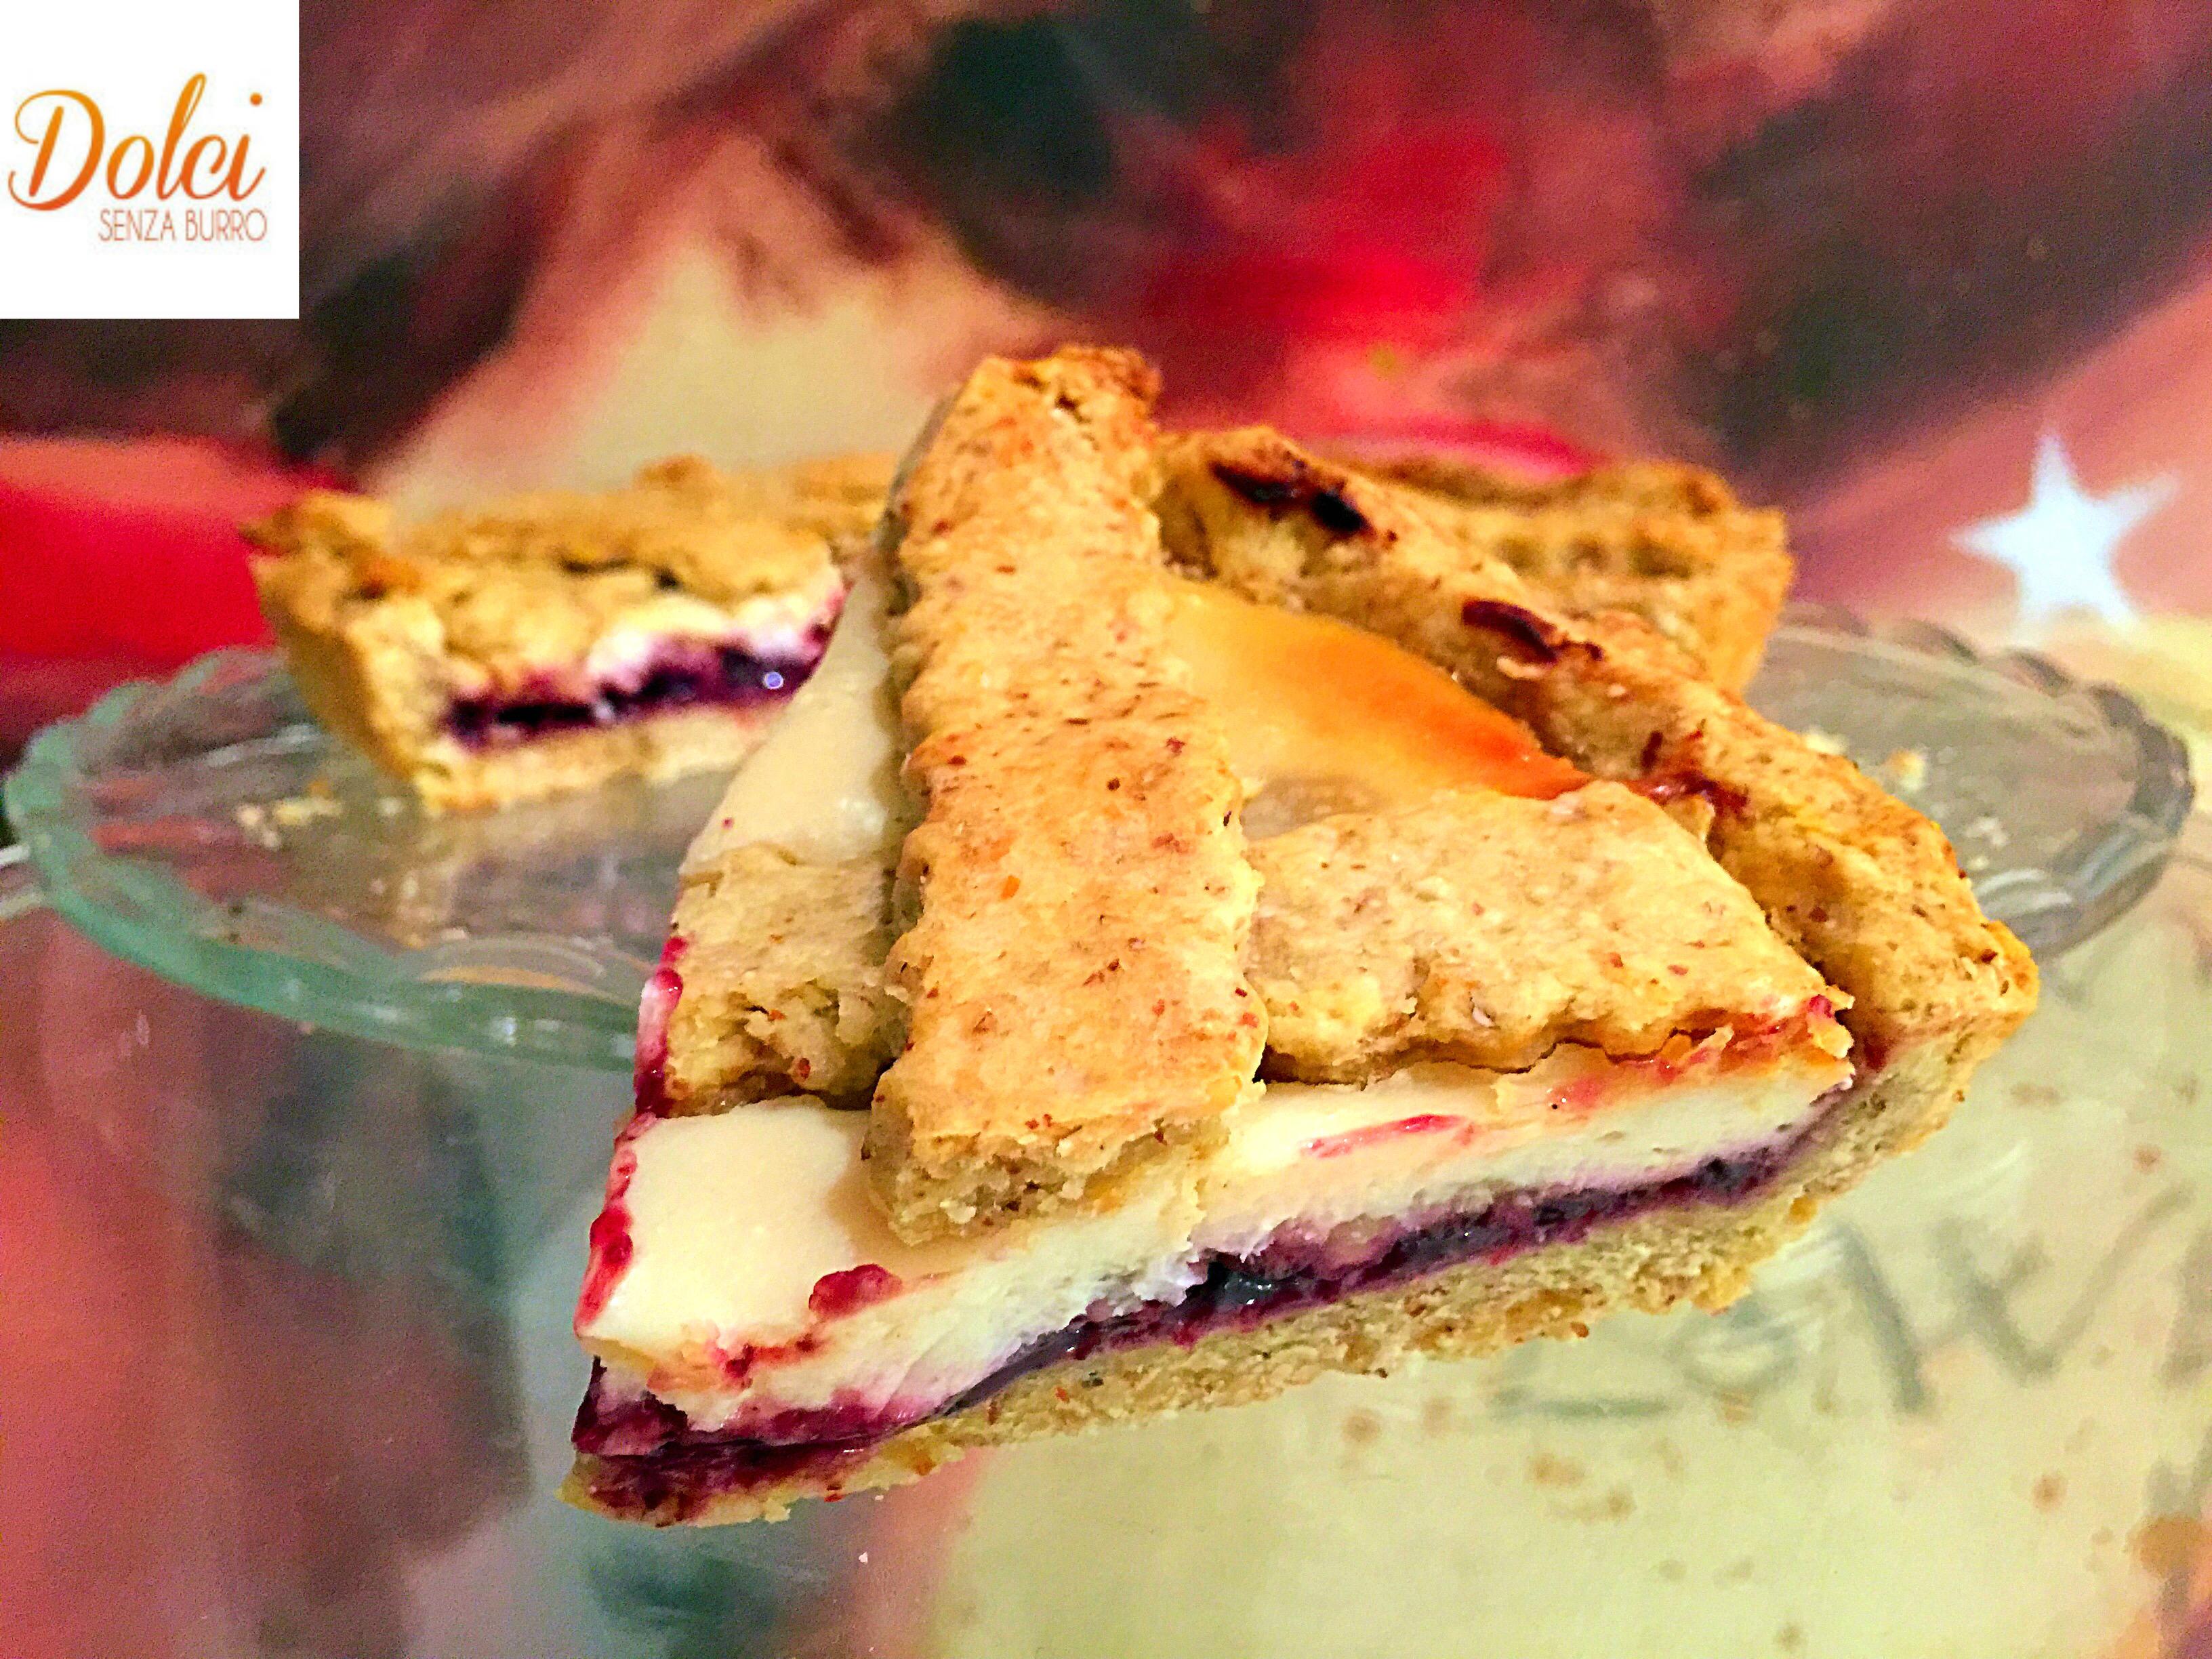 Crostata Ricotta e Frutti di Bosco Senza Burro, un dolce vegano goloso e leggero di dolci senza burro